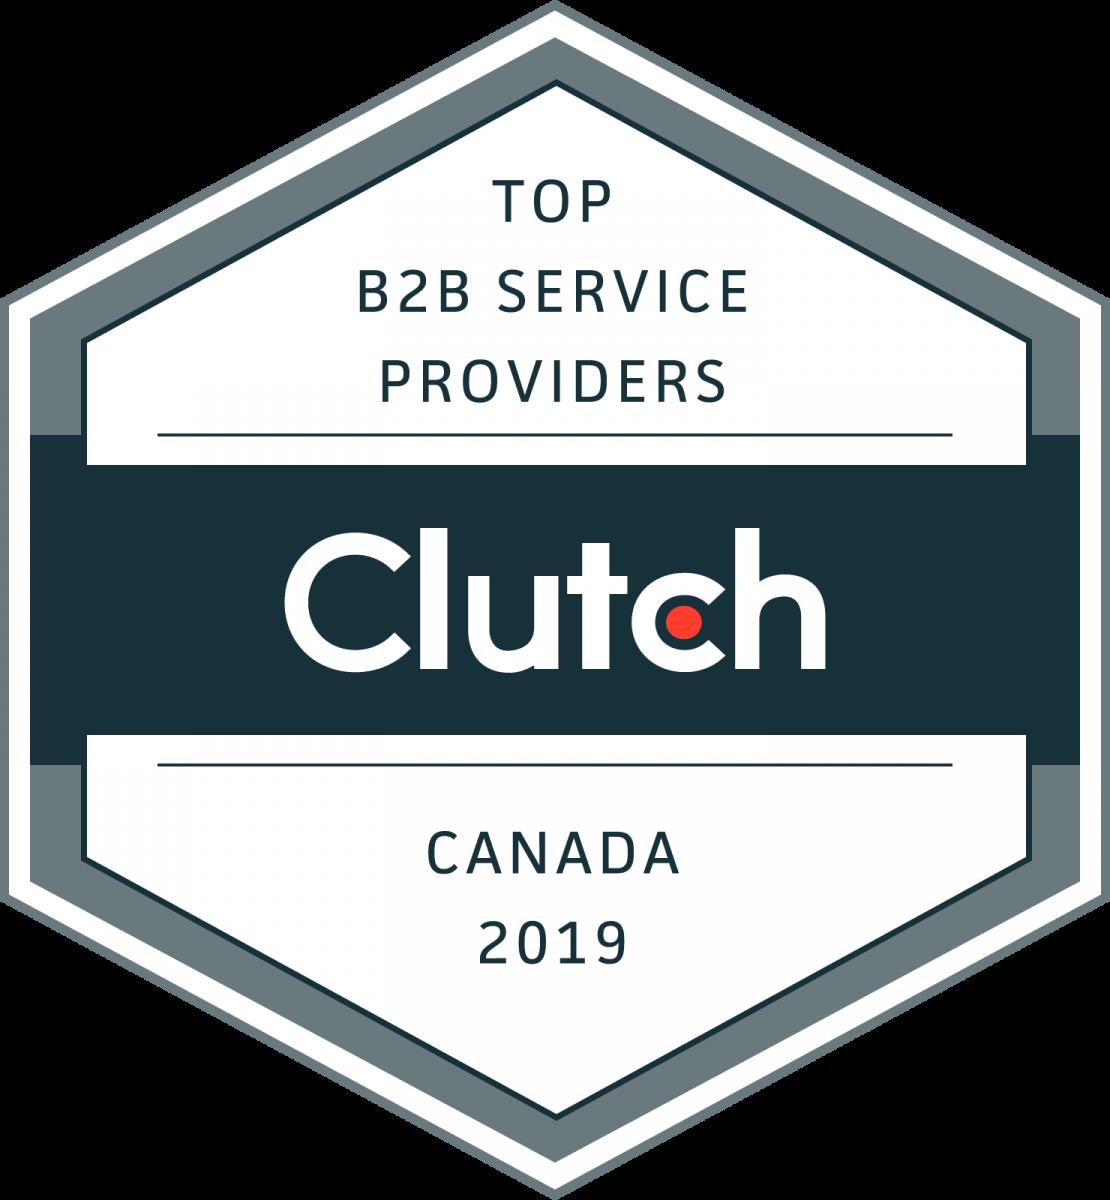 b2b_service_providers_canada_2019